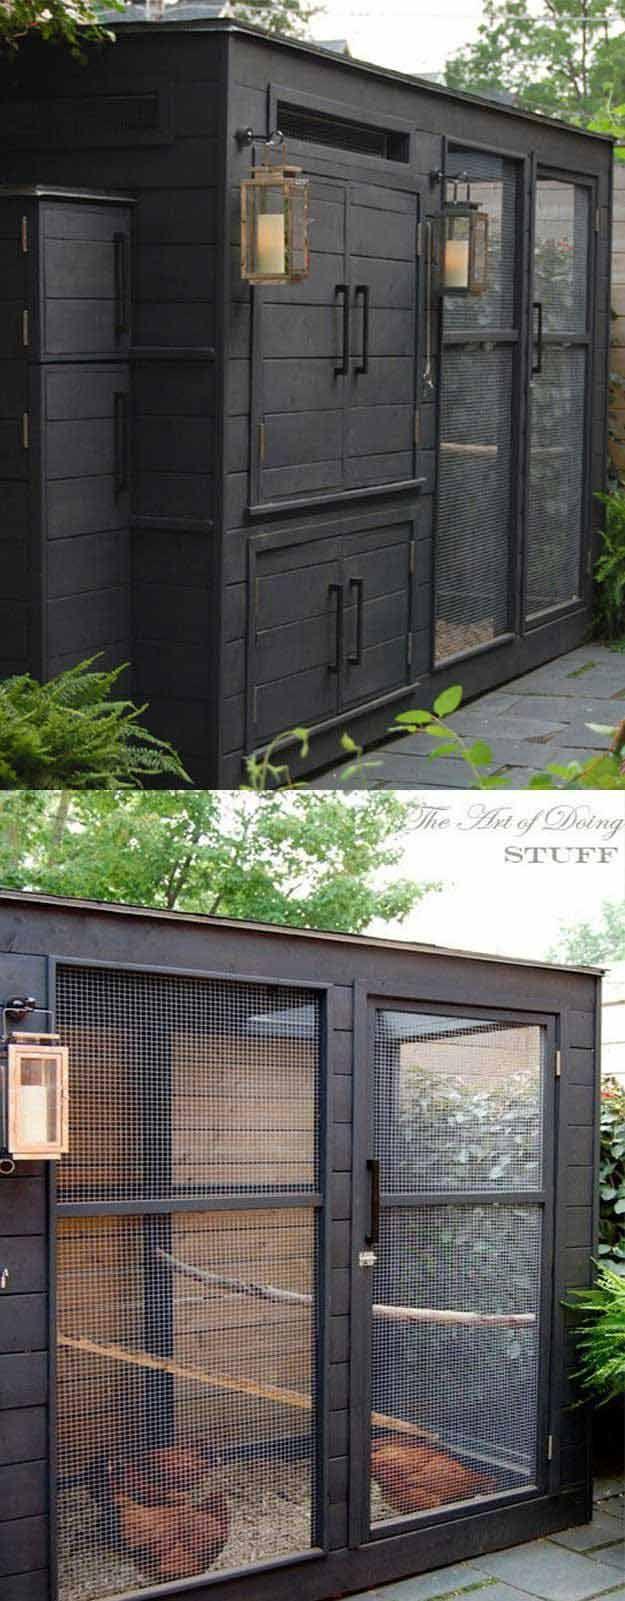 22 Low Budget Diy Backyard Chicken Coop Plans: Urban Chicken Coop, Diy Chicken Coop, Chickens